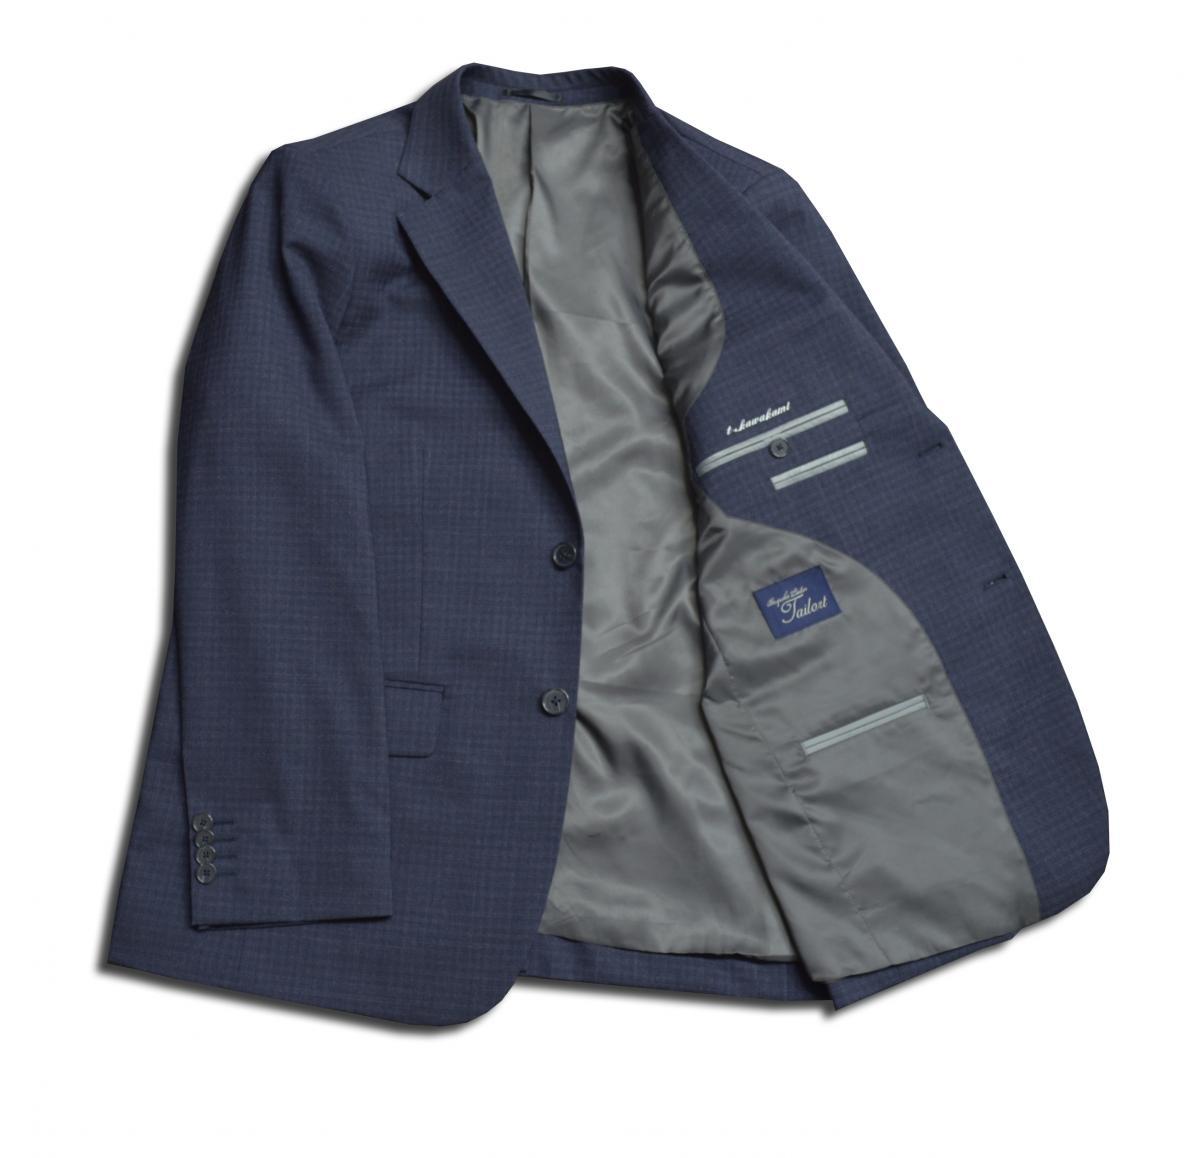 [オーダーレディーススーツ スカートセット]細かくて上品なチェック柄×定番のネイビーで落ち着いた雰囲気